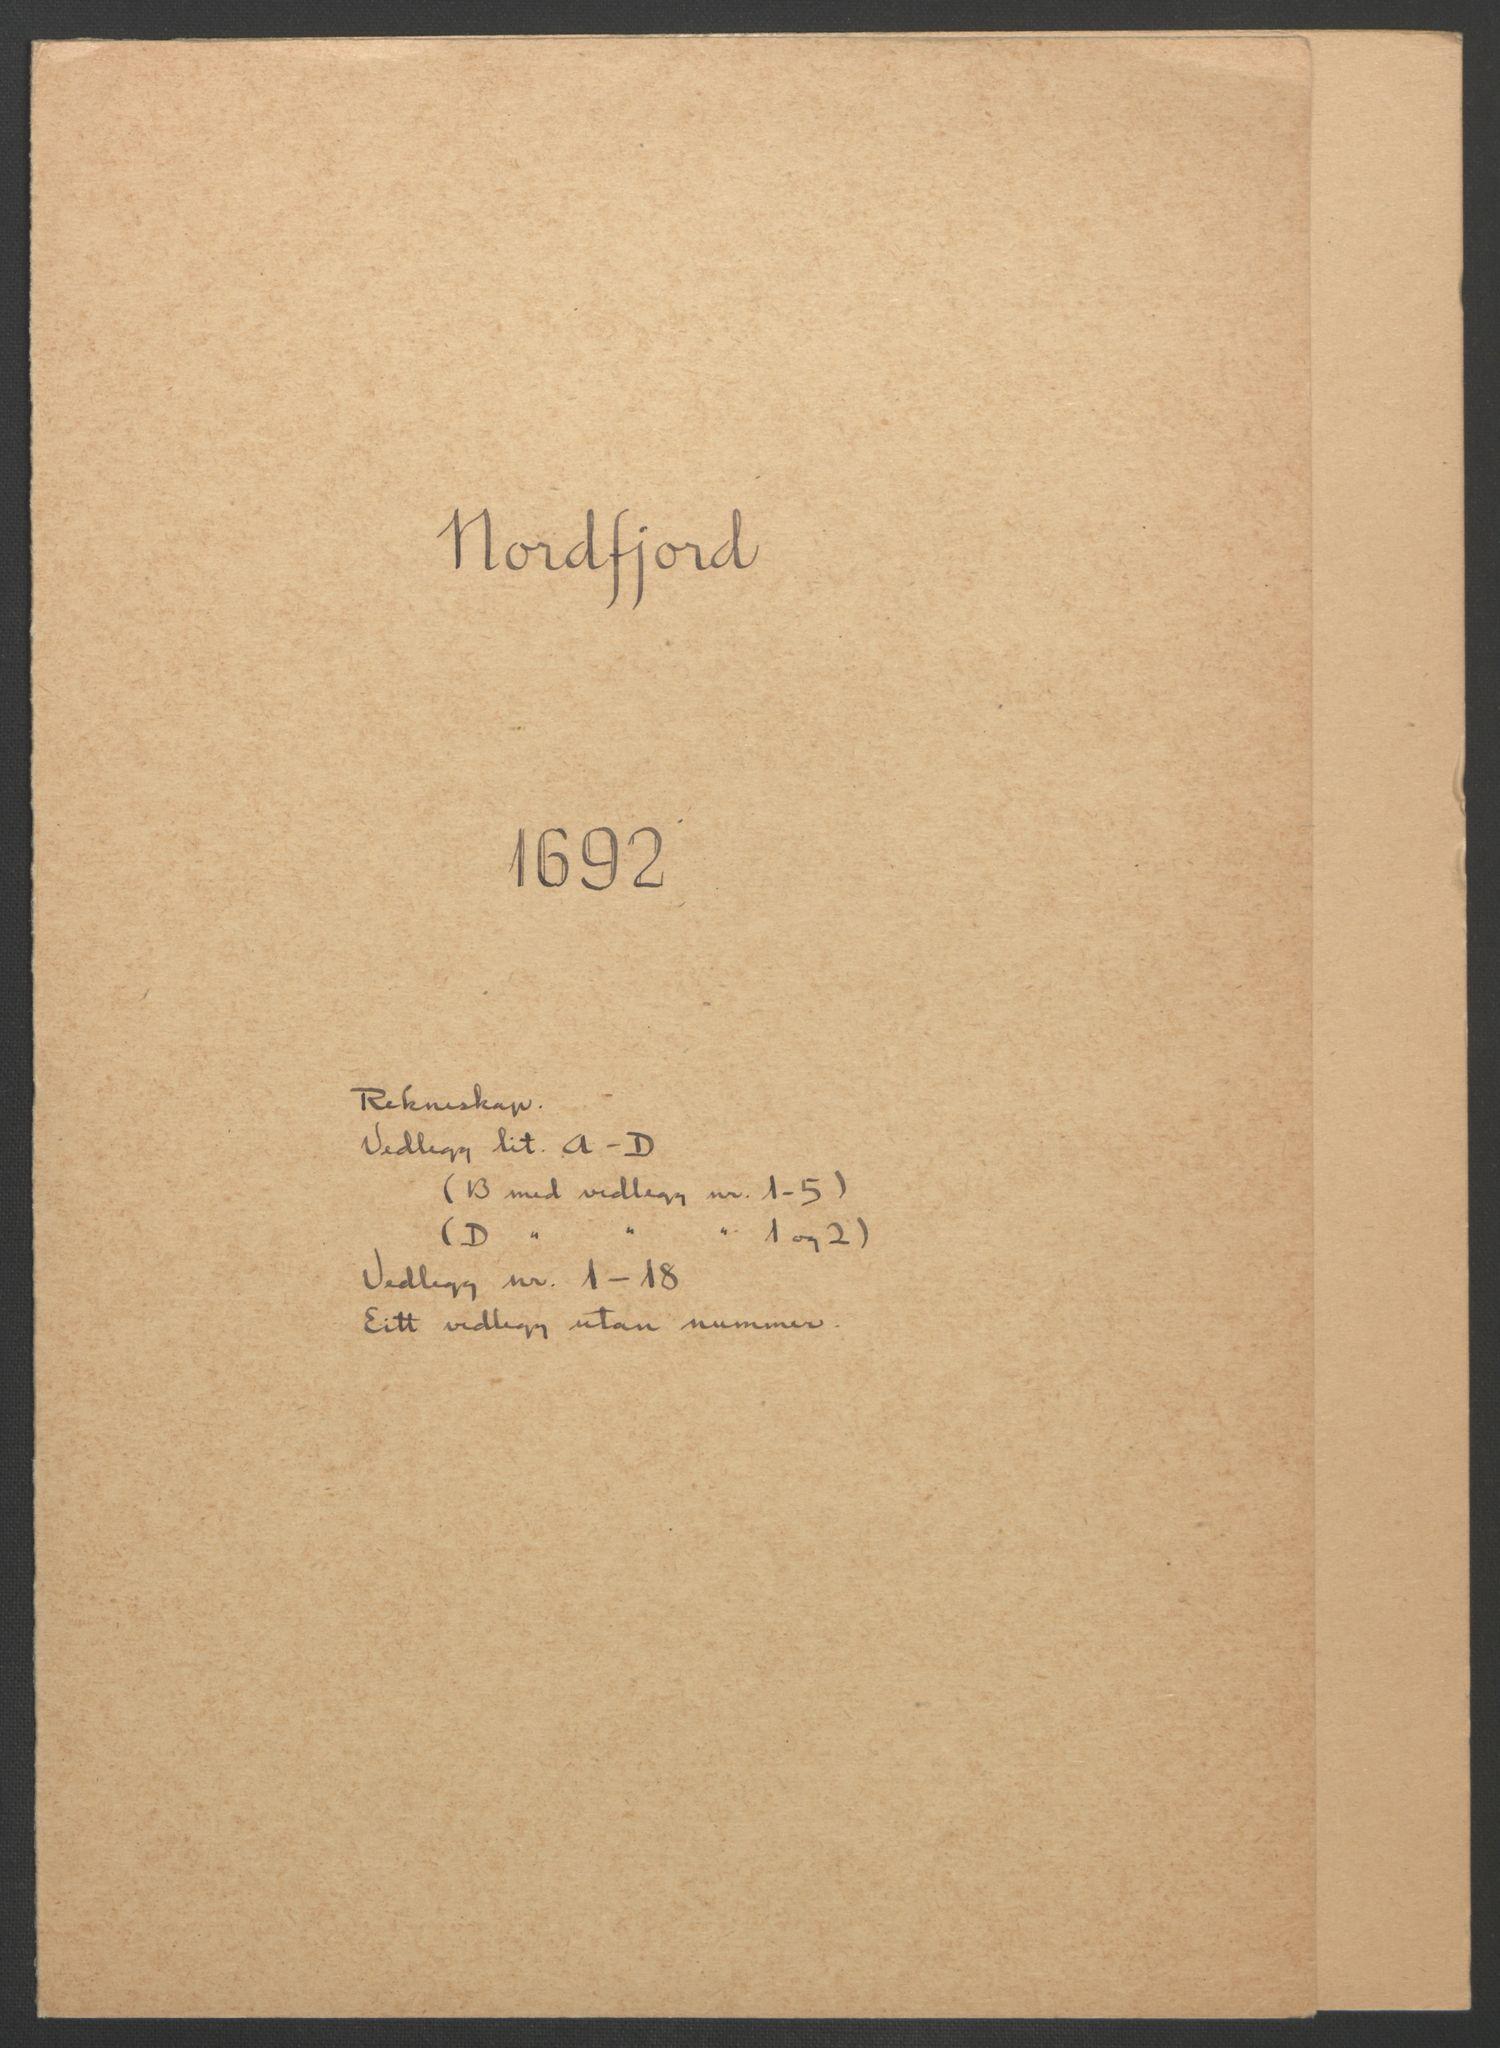 RA, Rentekammeret inntil 1814, Reviderte regnskaper, Fogderegnskap, R53/L3420: Fogderegnskap Sunn- og Nordfjord, 1691-1692, s. 284